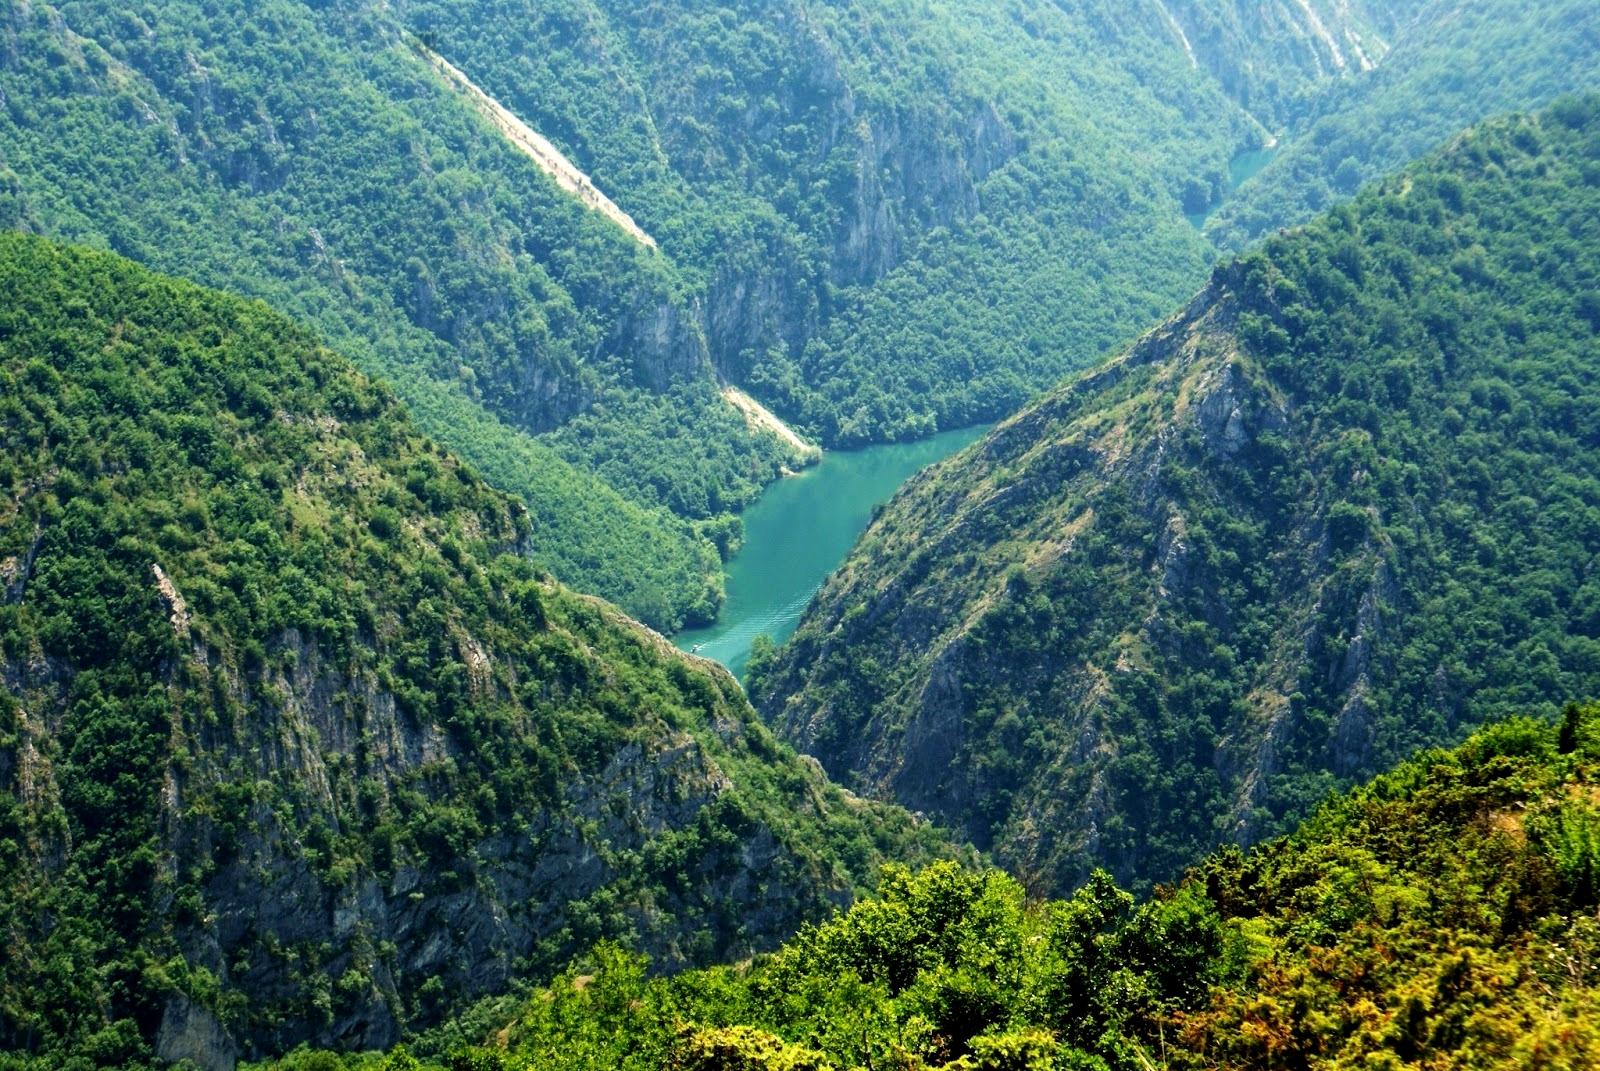 macedonian landscape - photo #14